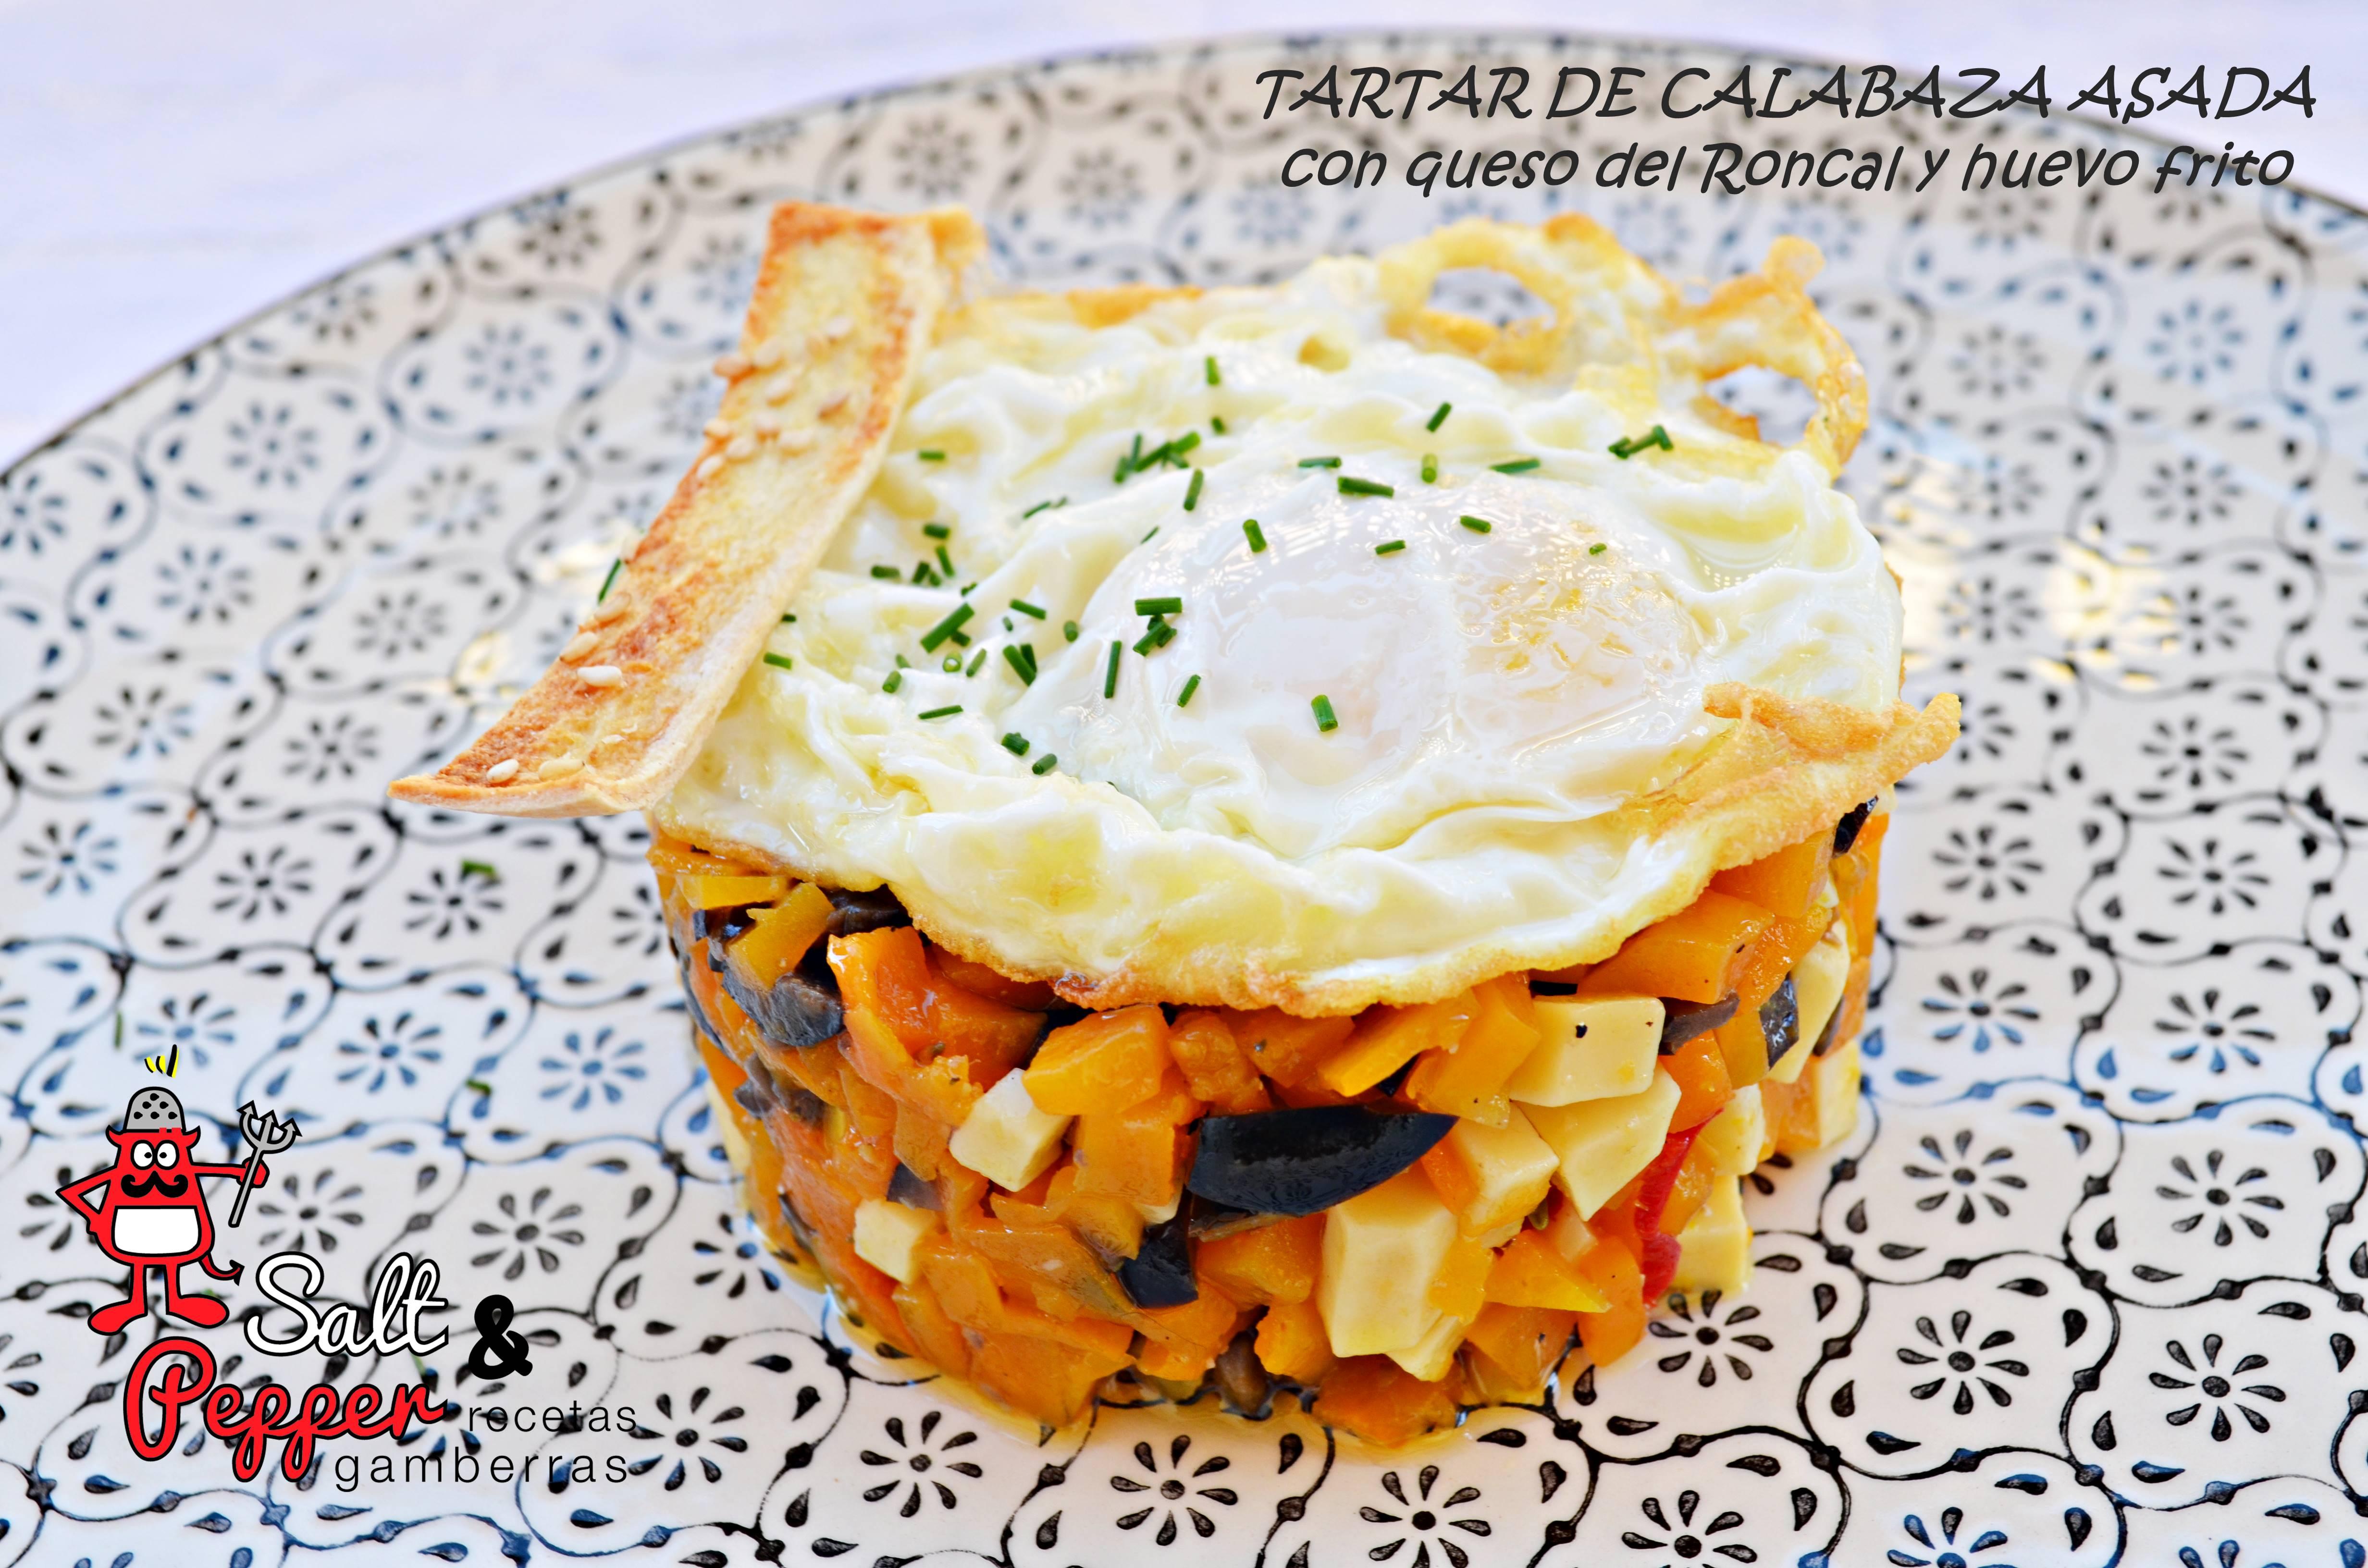 Tartar de calabaza asada con queso del Roncal y huevo frito